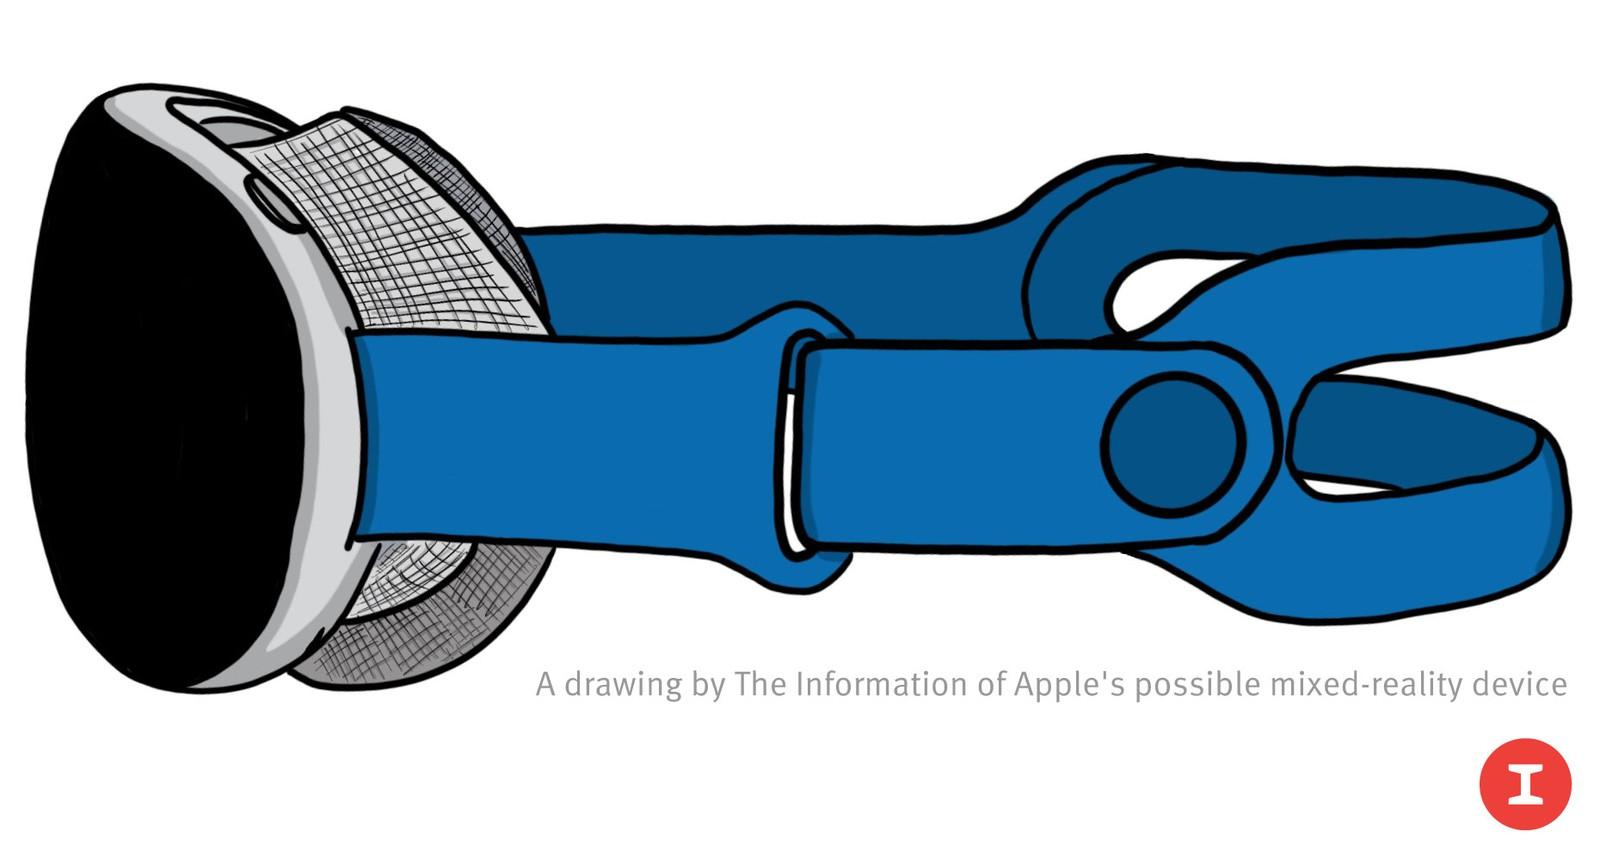 Il visore Apple avrà specifiche mostruose, inclusi due schermi 8K